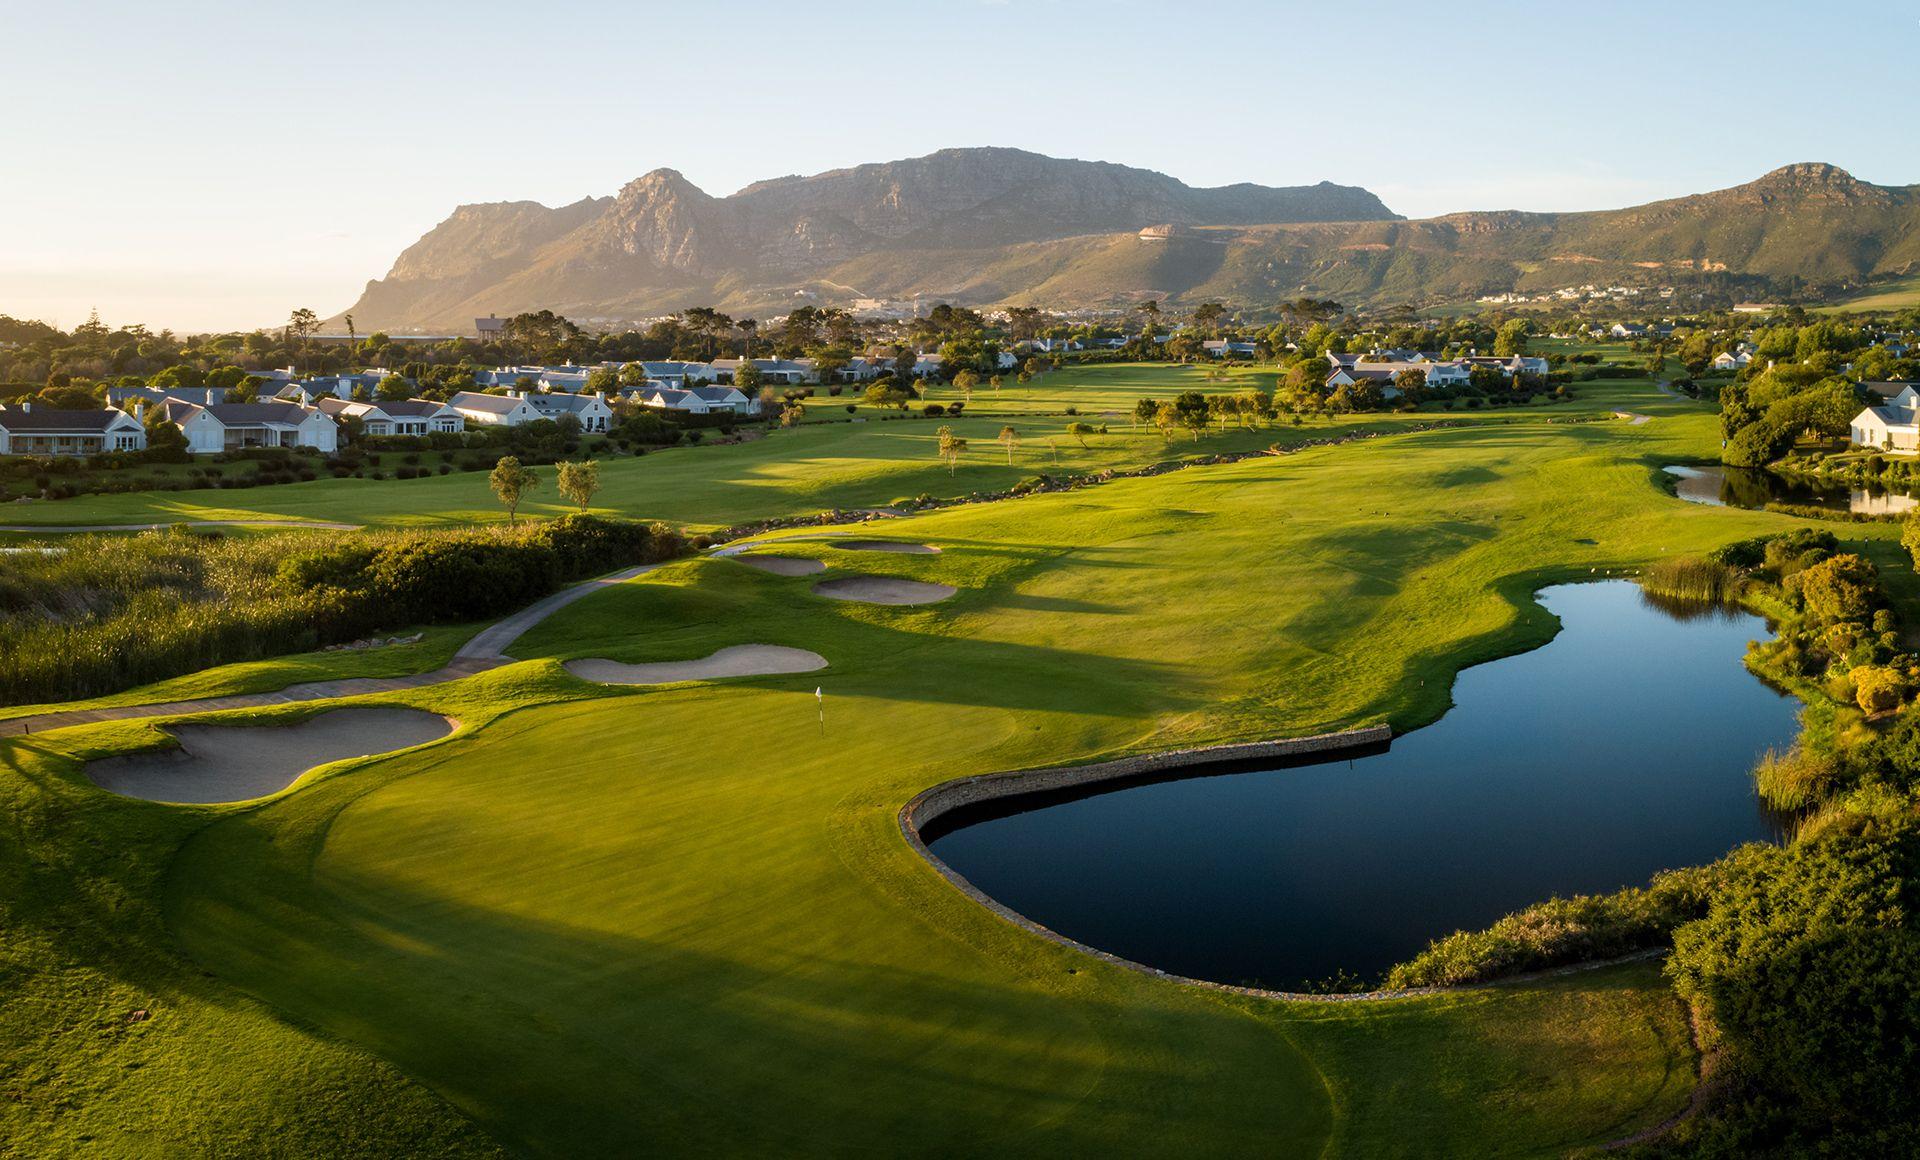 https://bubo.sk/uploads/galleries/7196/steenberg-golf-course-nov-2019-mark-sampson--46_0.jpg